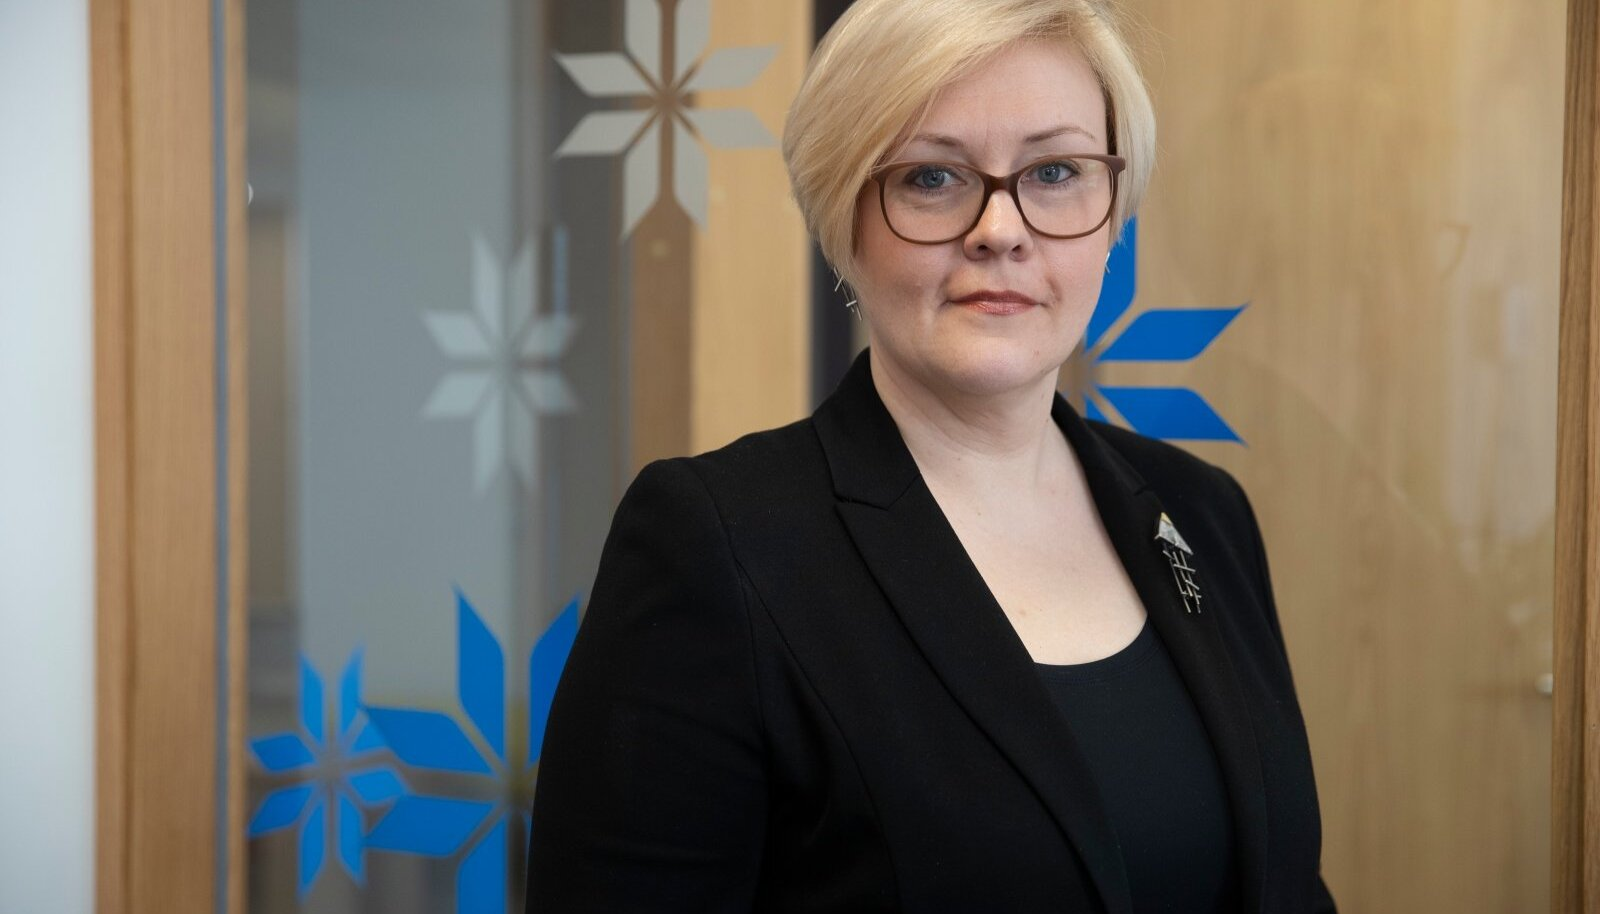 Peadirektor Maret Maripuu ja teised tööinspektsiooni juhid vaidlevad oma ekstöötajaga edasi kohtus.